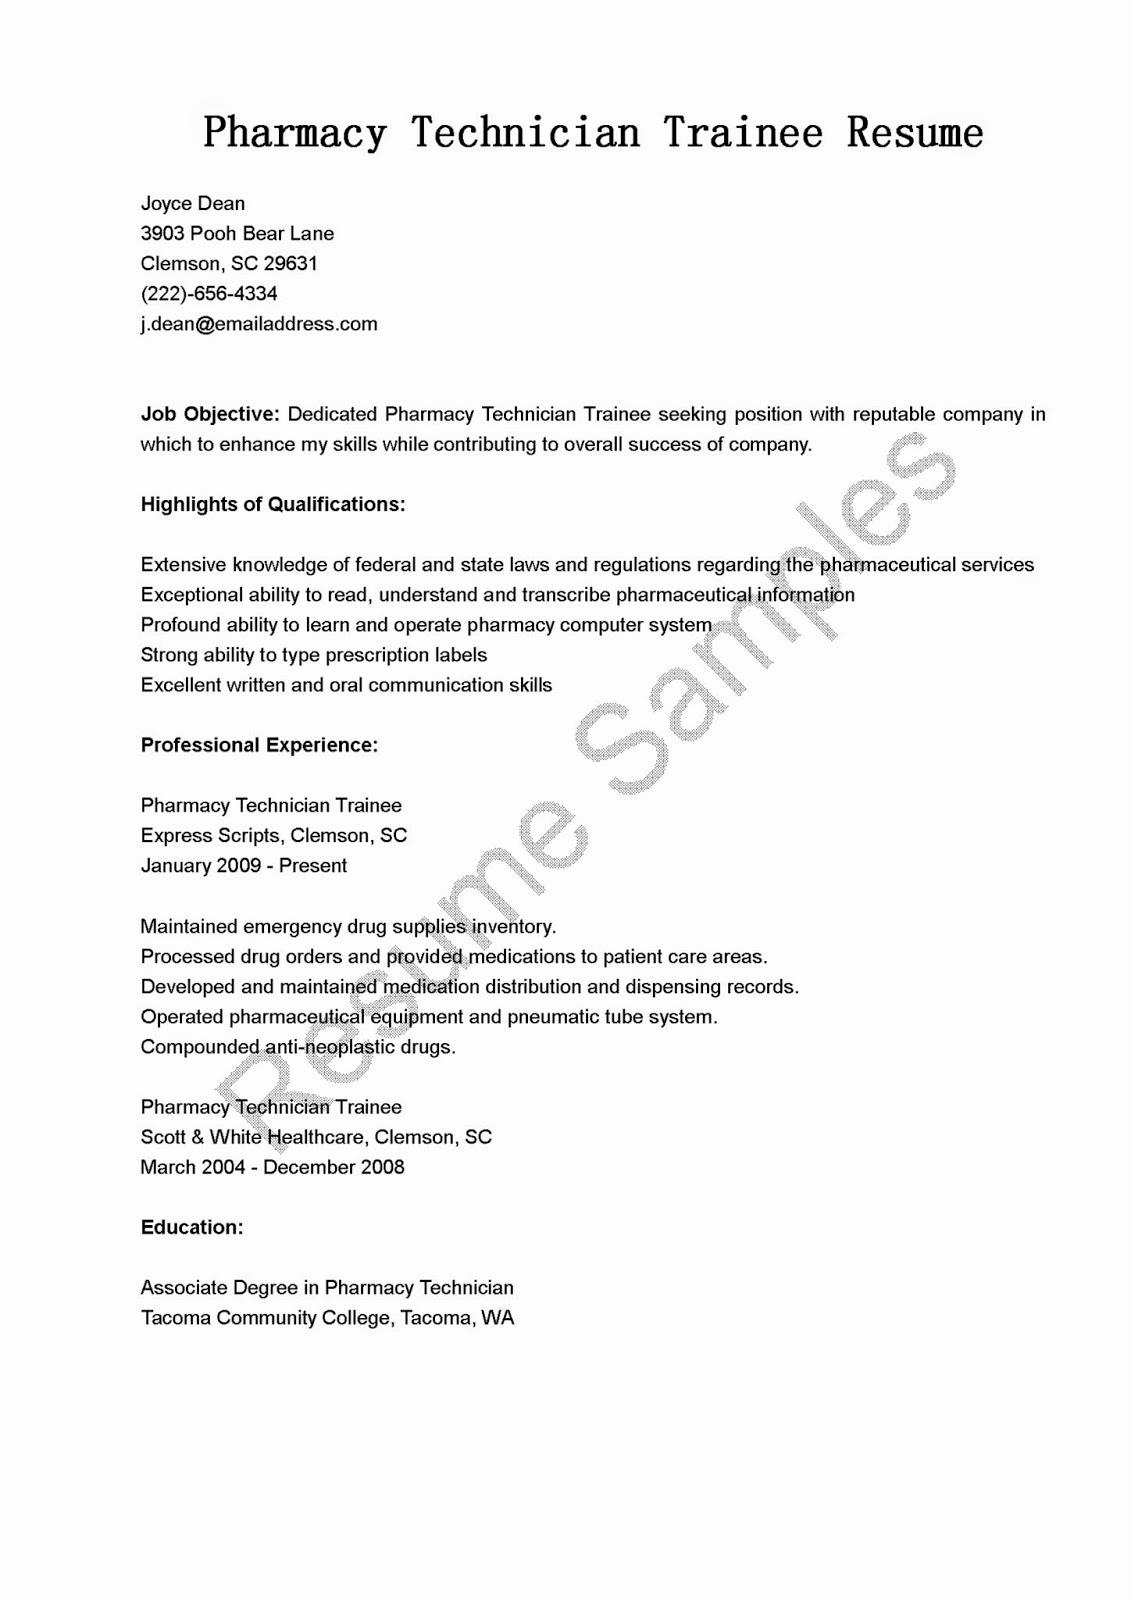 Pharmacy Technician Resume Sample Inspirational Resume Samples Pharmacy Technician Trainee Resume Sample